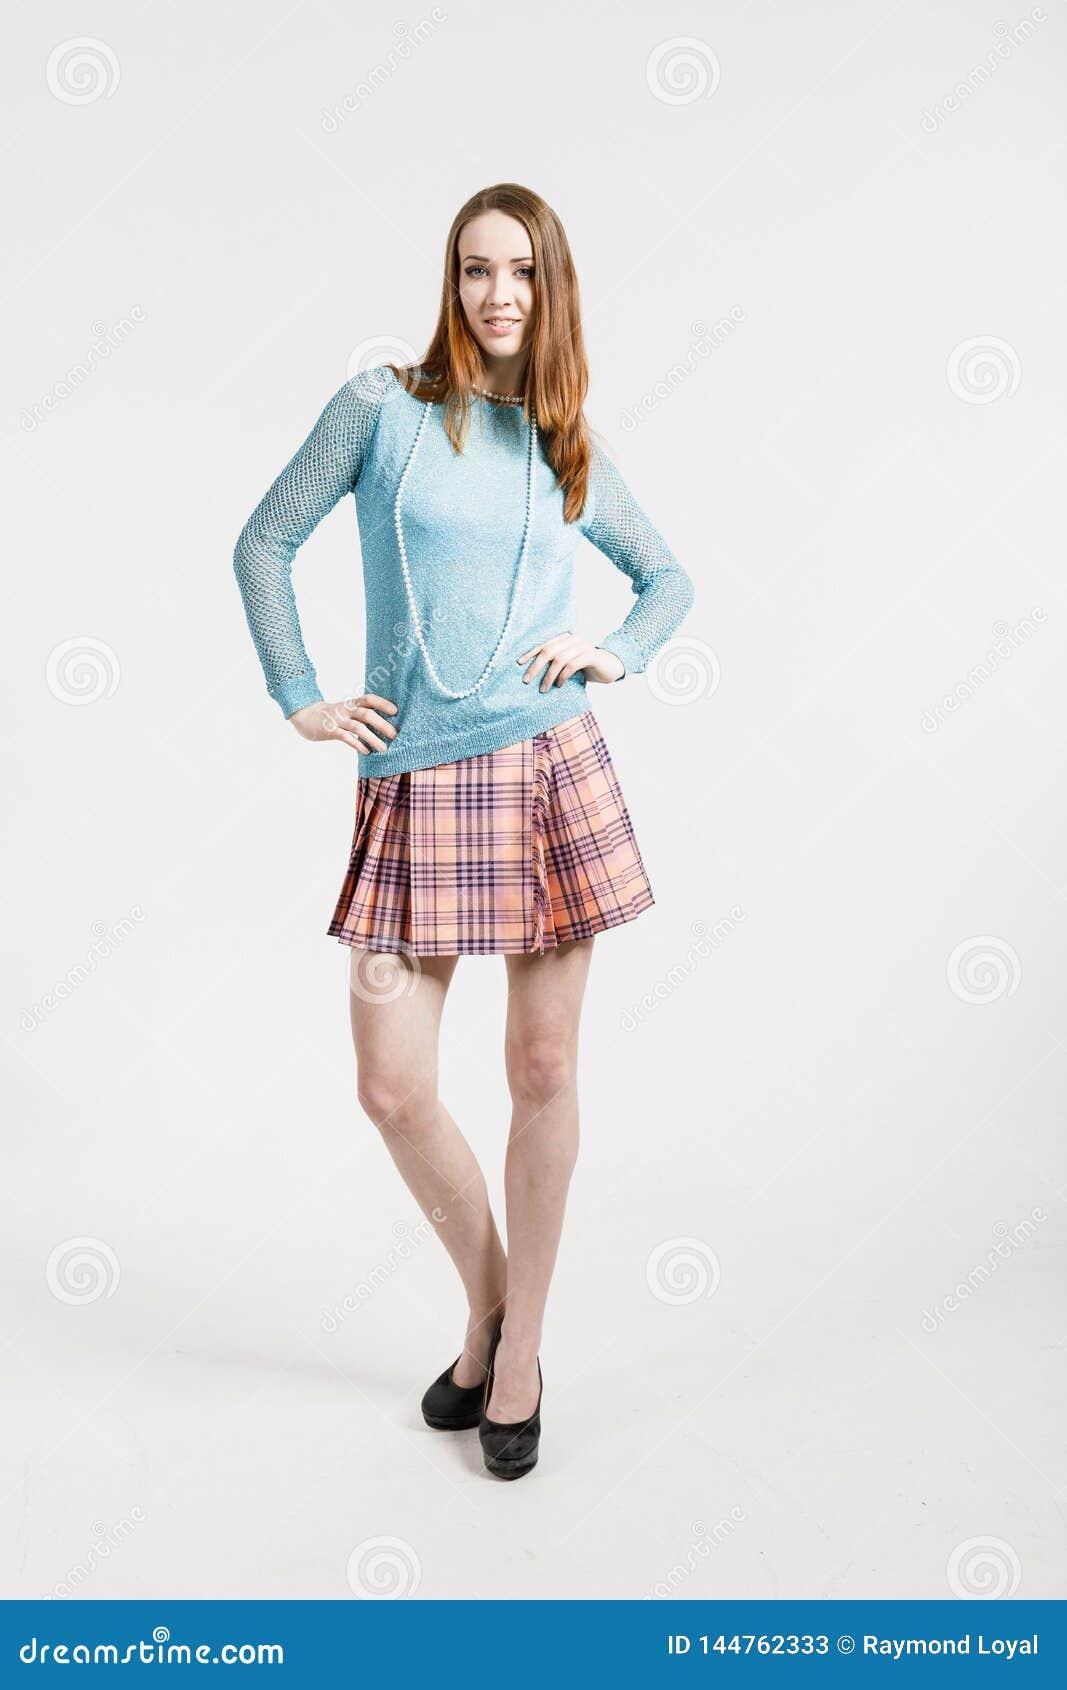 Εικόνα μιας νέας γυναίκας που φορά μια κοντή φούστα και ένα τυρκουάζ π